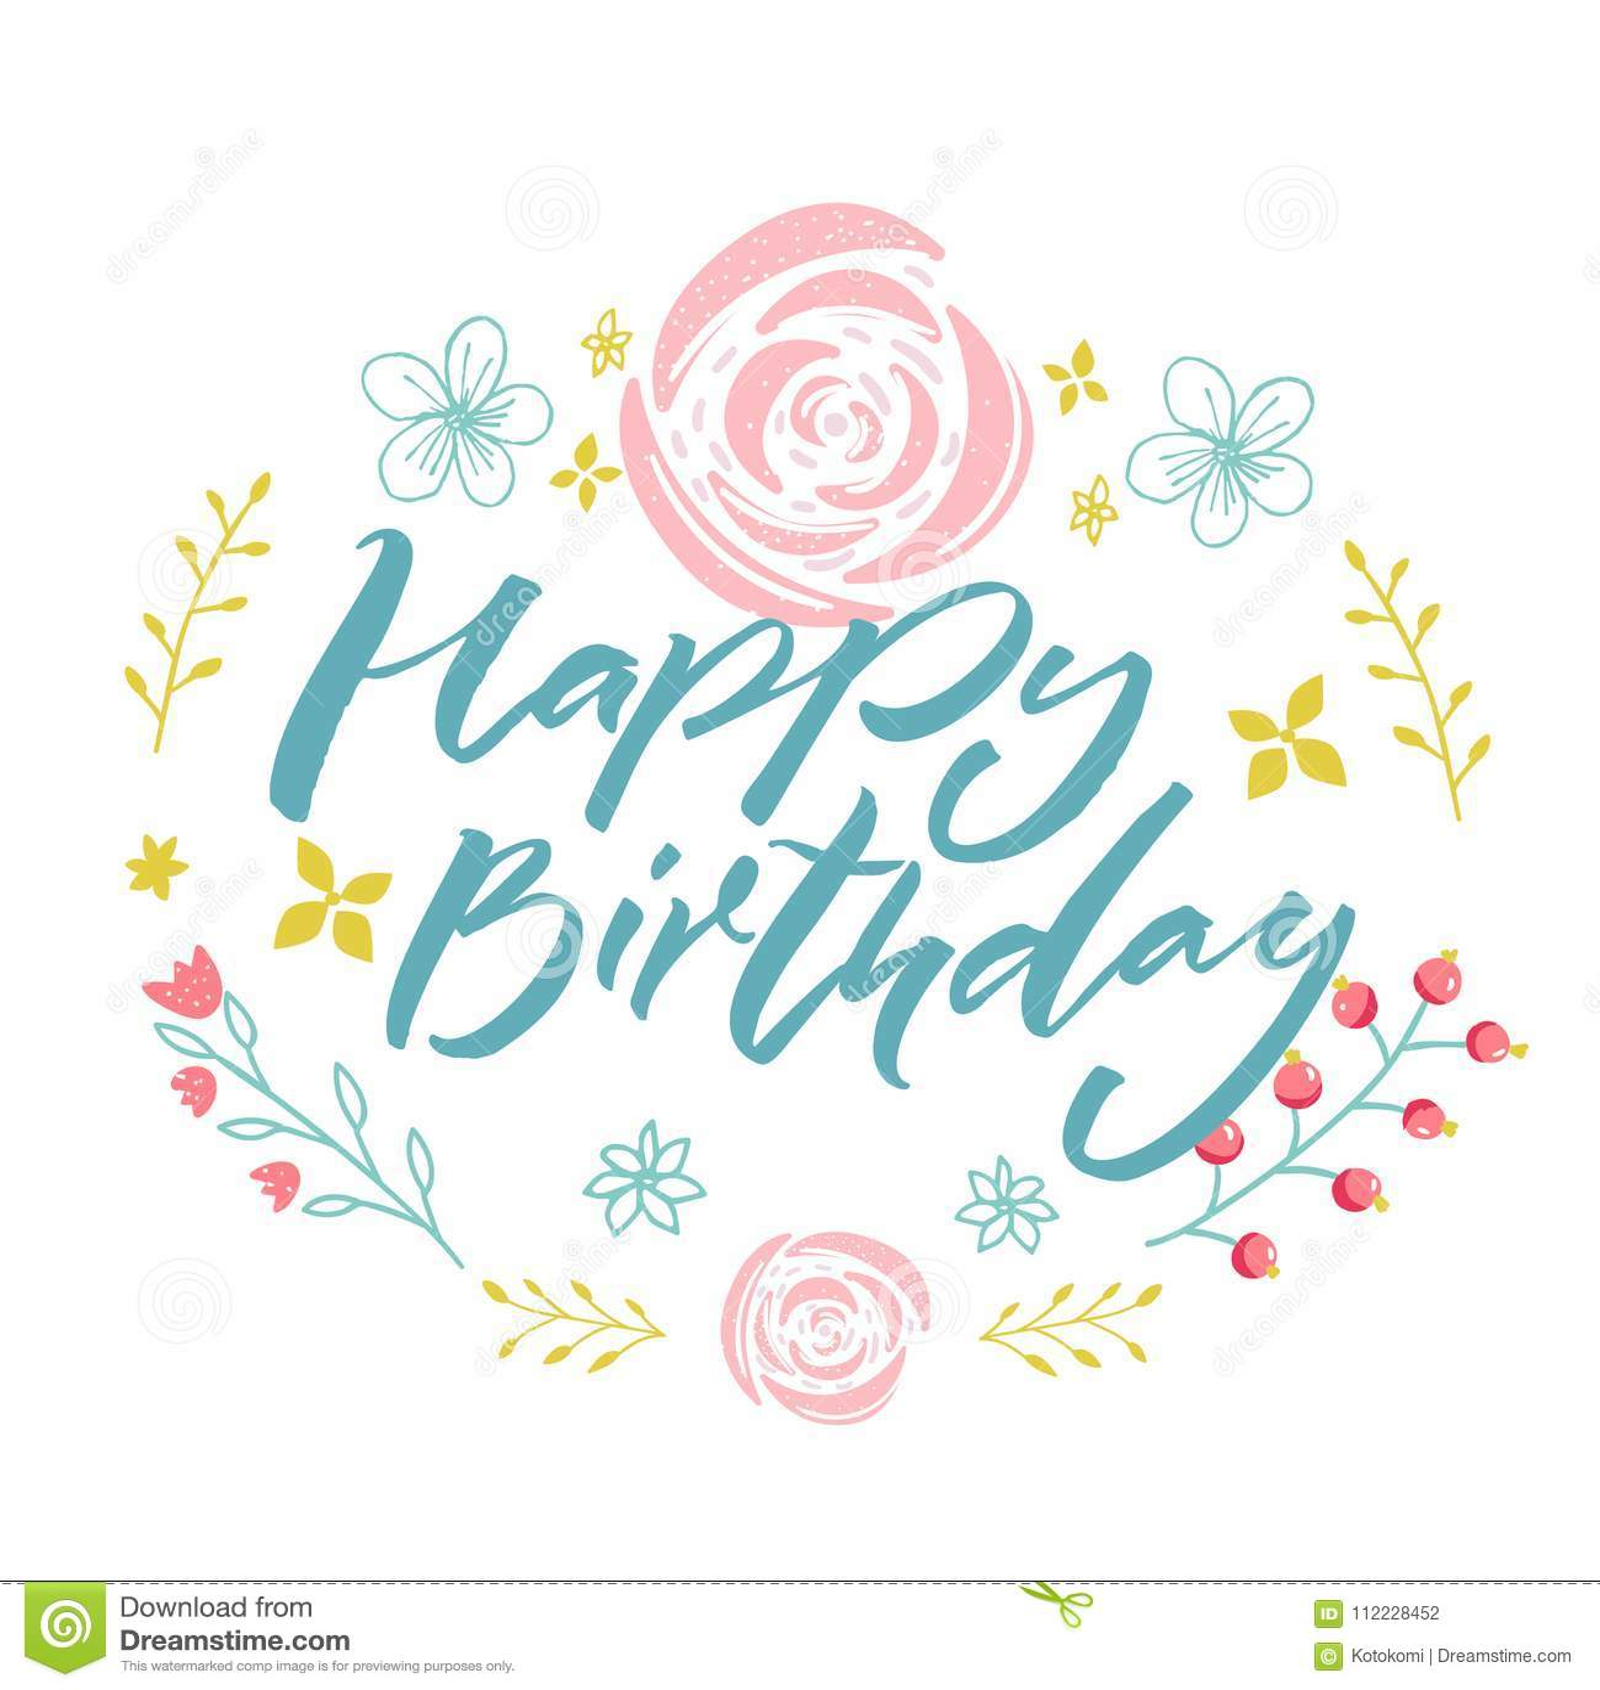 Gelukkige Verjaardag Blauwe Tekst In Bloemenkroon Met Roze Bloemen